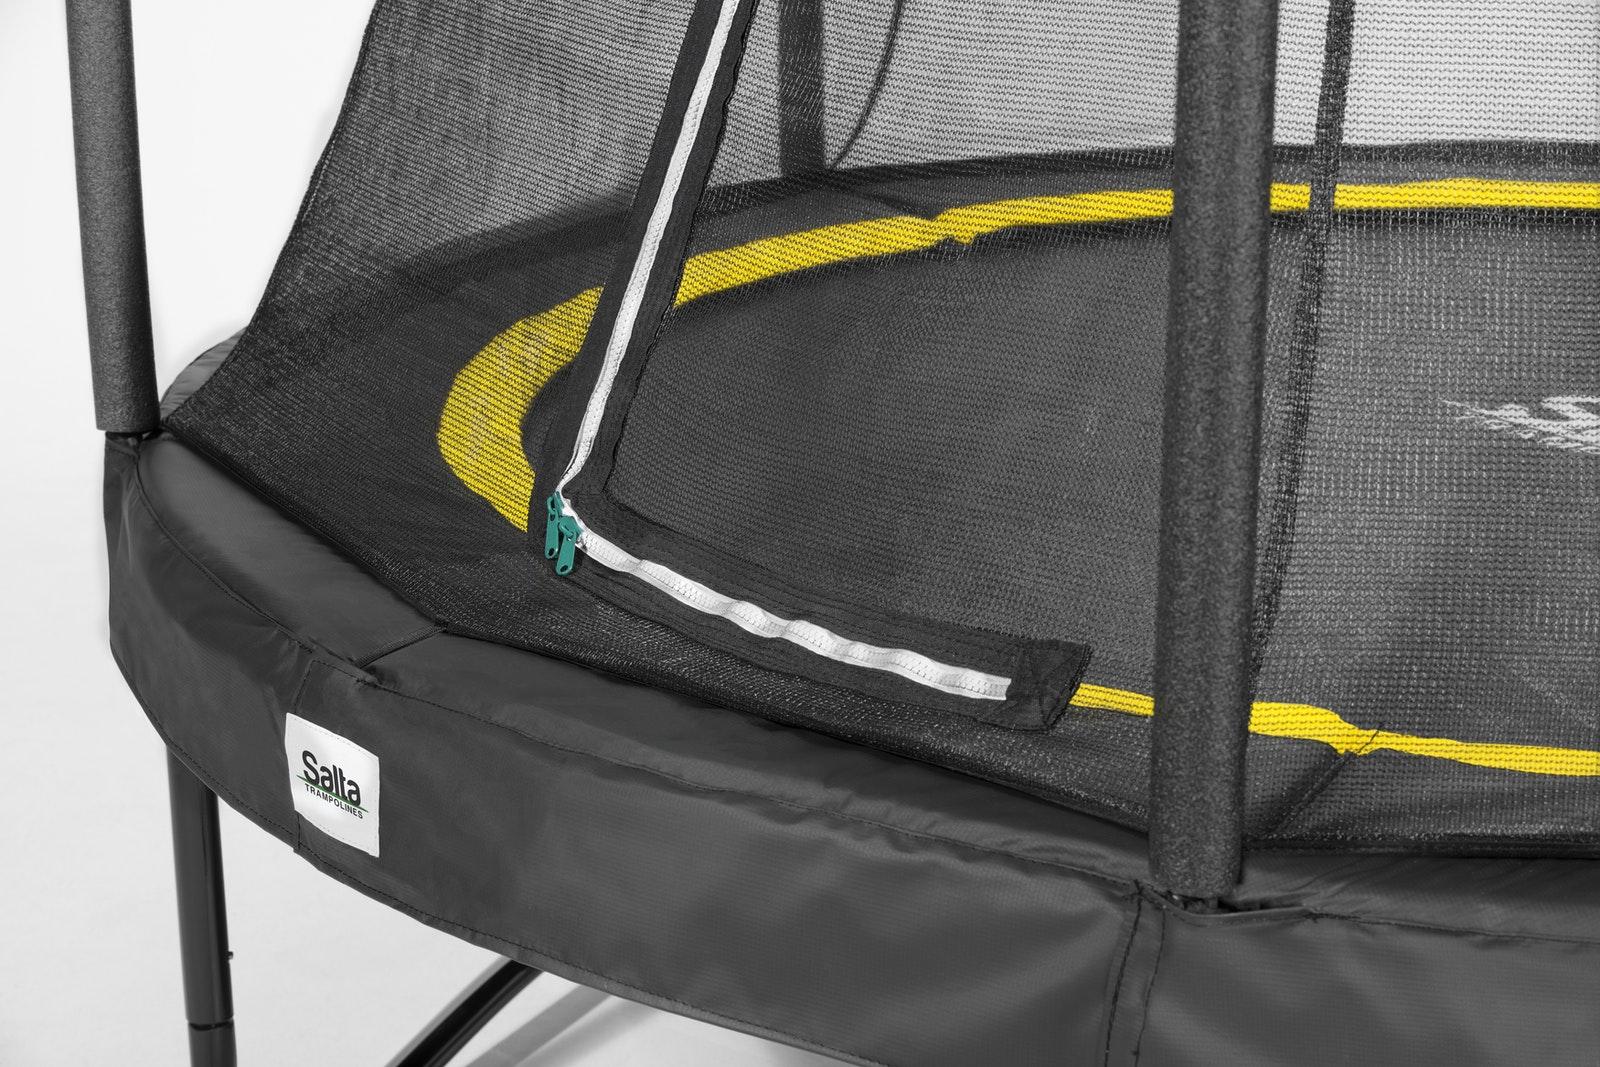 weich gepolstert - SALTA Comfort Trampolin - kaufen auf trampolin-profi.de